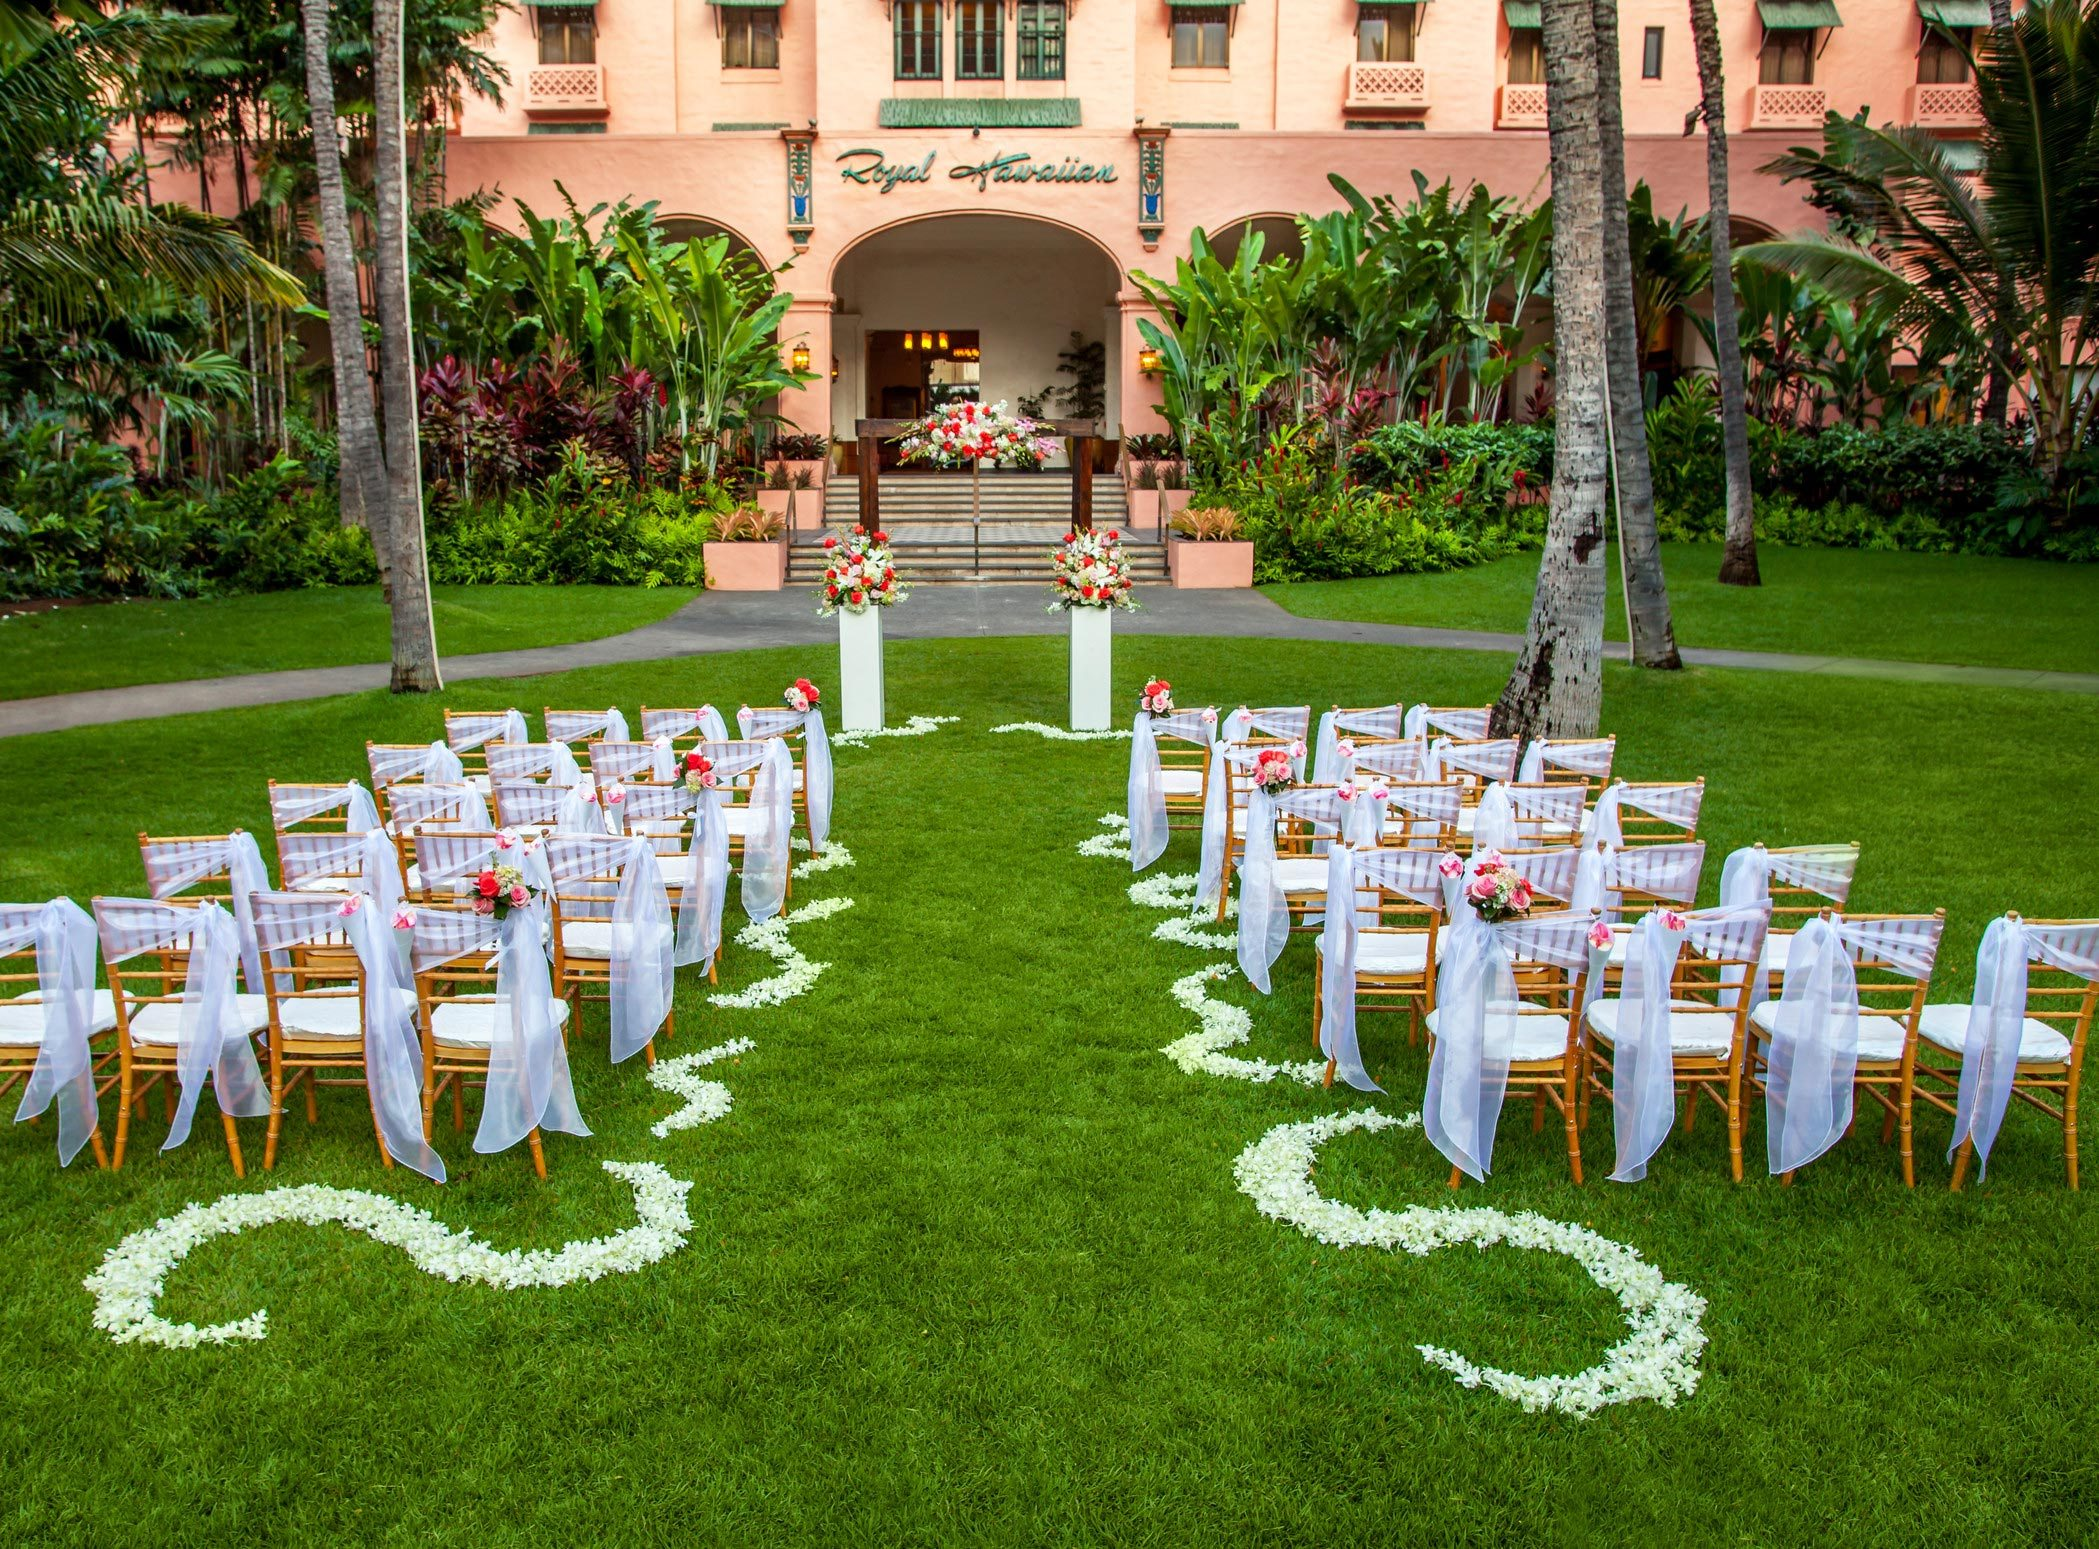 lux376ls-156147-royal-hawaiian-hotel-meetings-Wedding-Coconut-Grove-Med